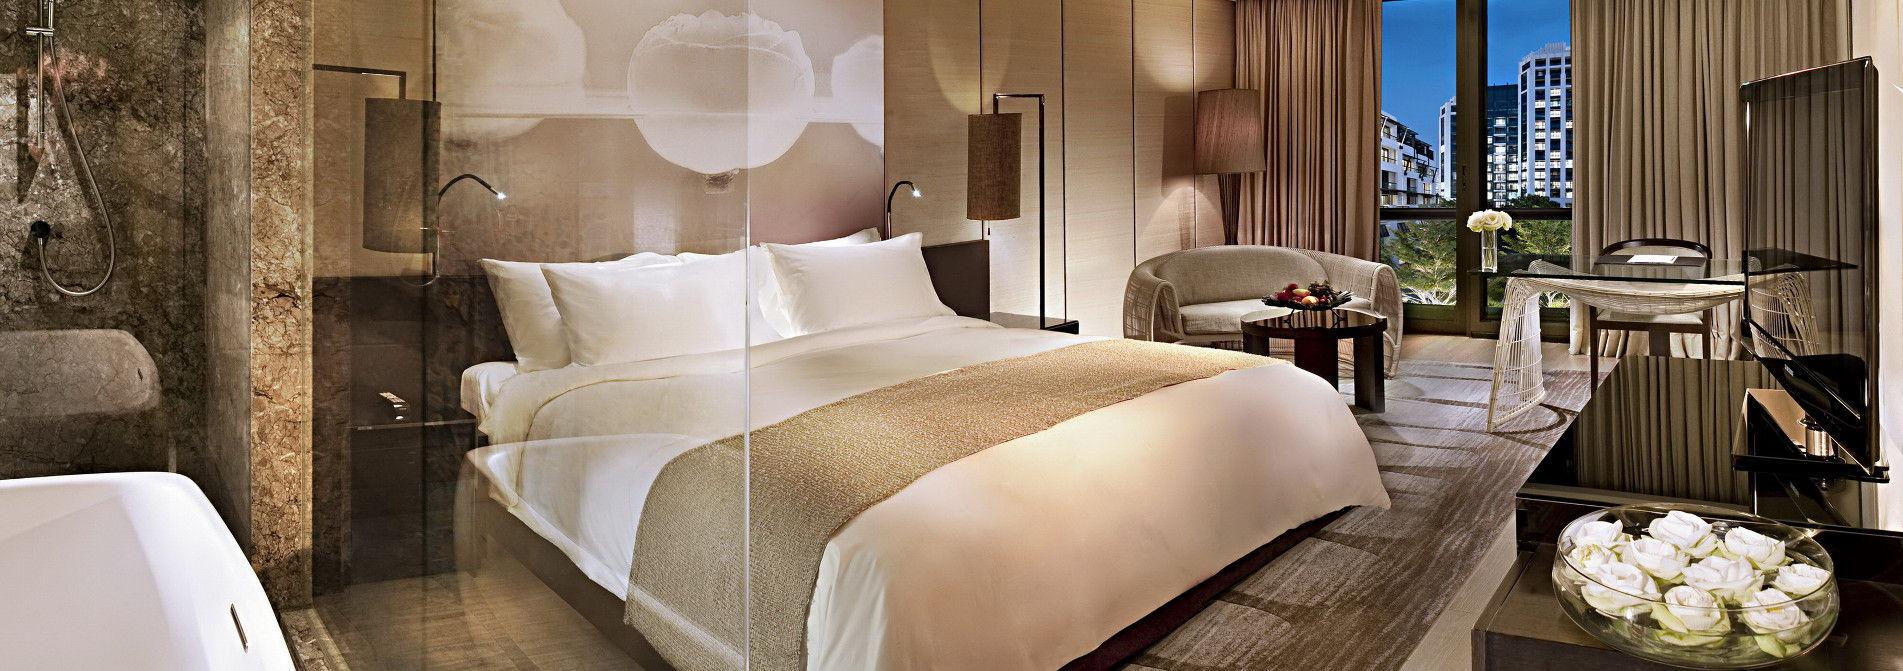 Besoin de comparer les prix de cet hôtel boutique ?